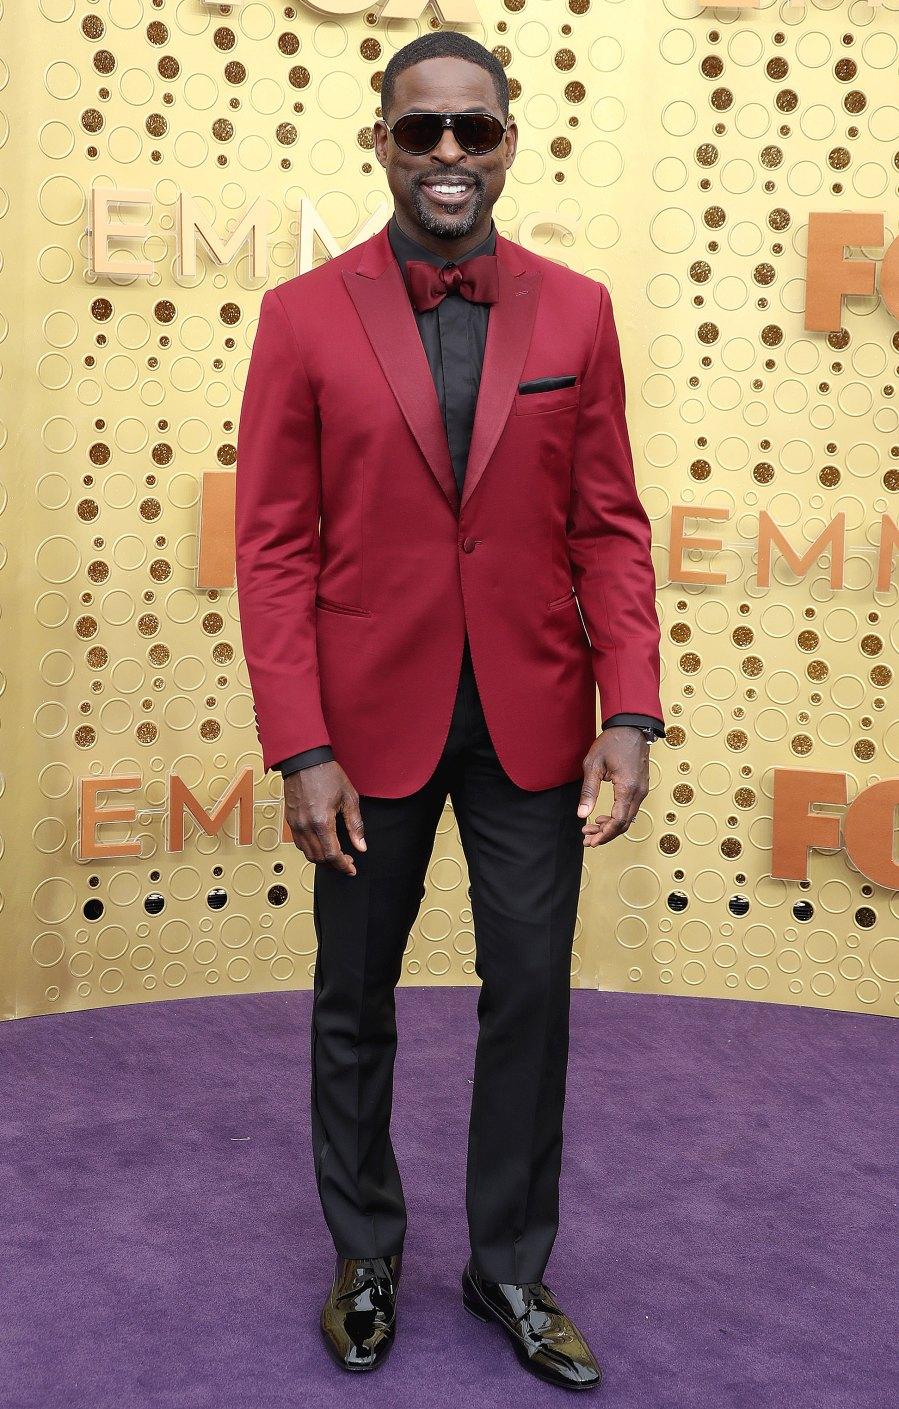 Emmys 2019 Hottest Hunks - Sterling K. Brown